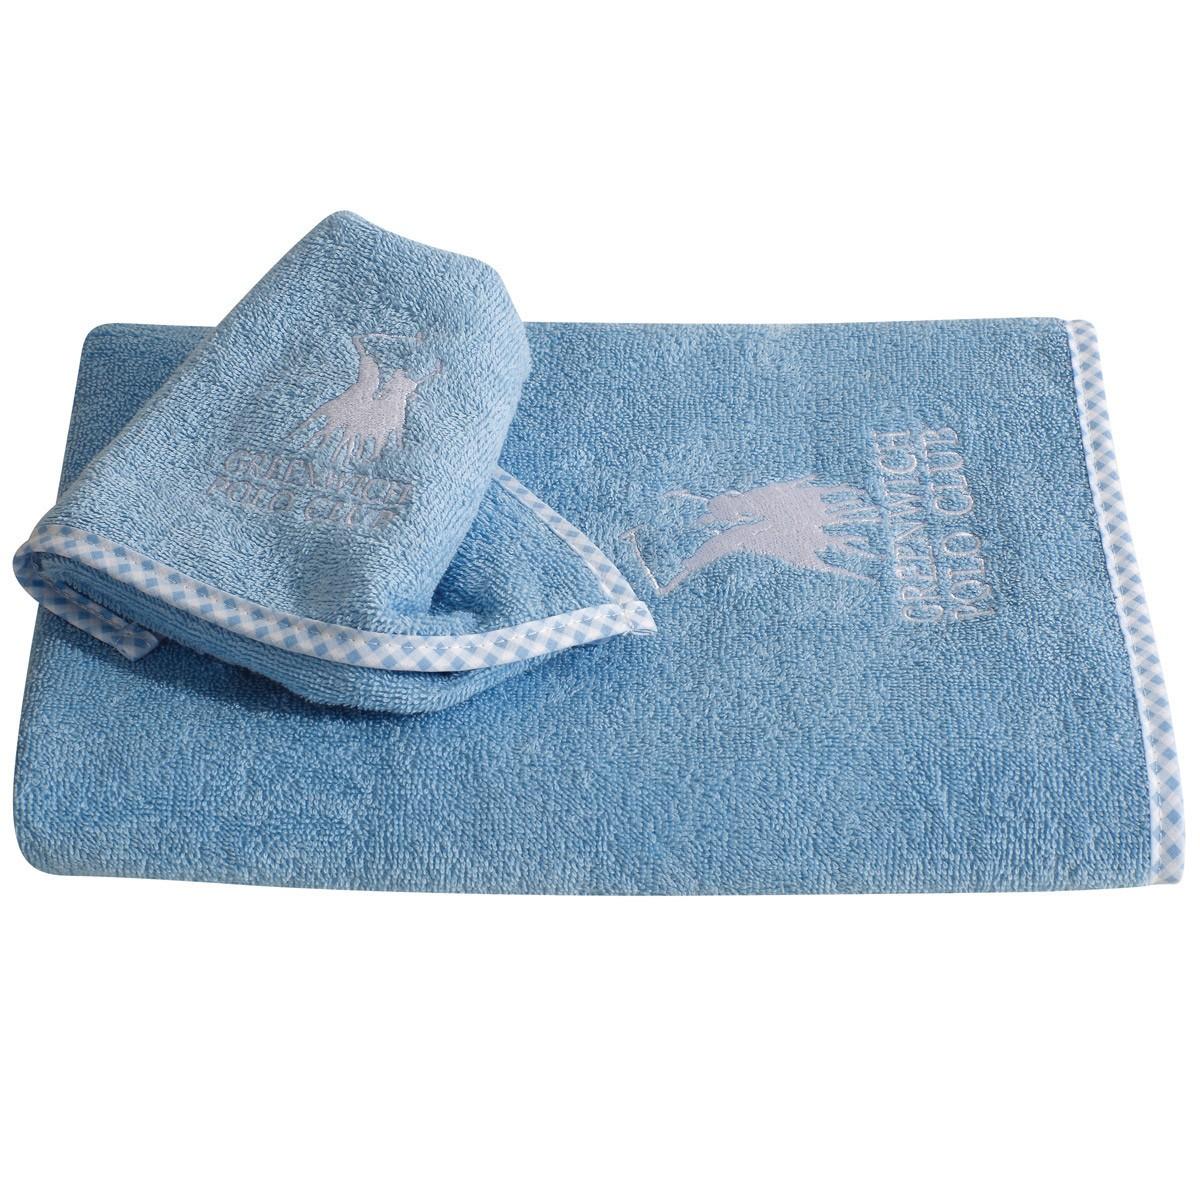 Βρεφικές Πετσέτες (Σετ 2τμχ) Polo Club Essential Baby 2961